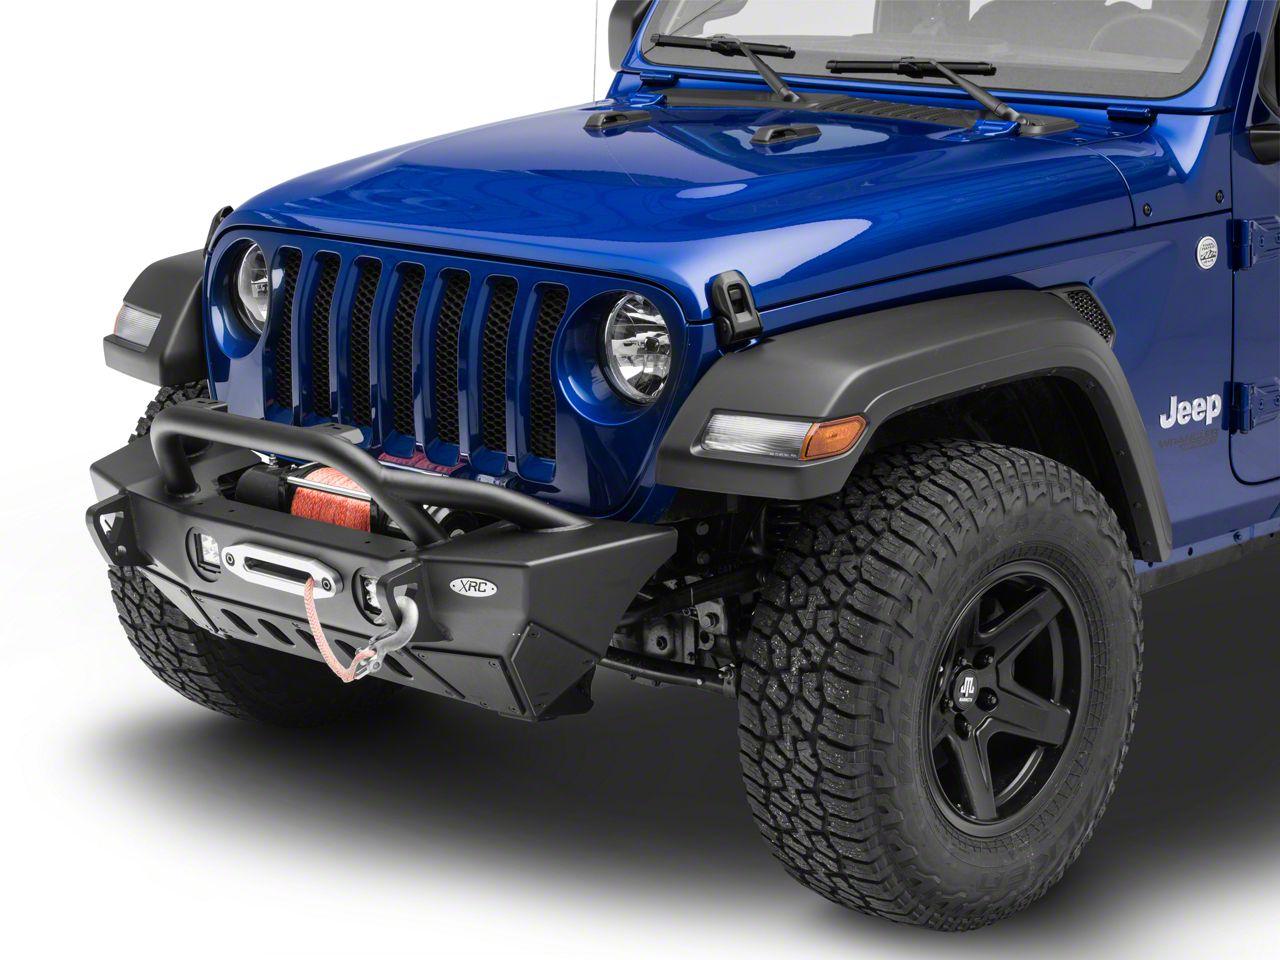 Smittybilt XRC Gen2 Front Bumper (2018 Jeep Wrangler JL)